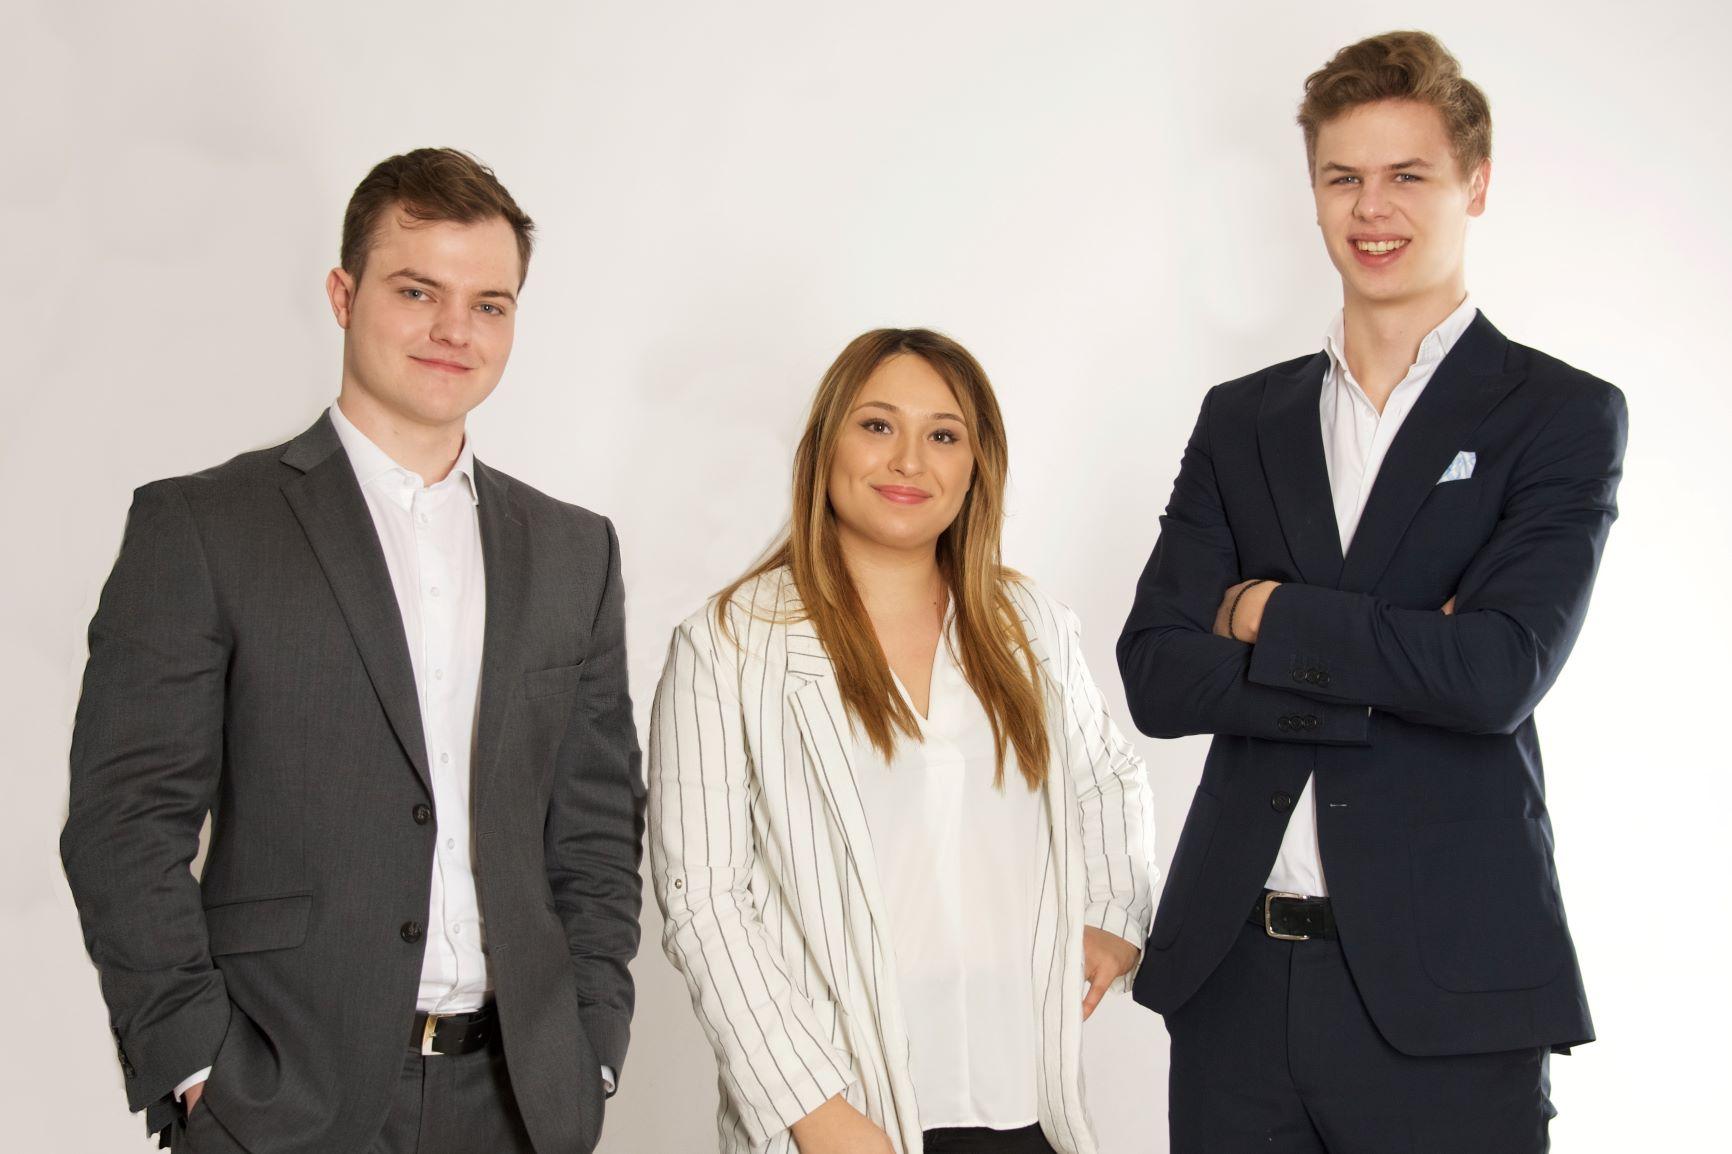 Neue Mitarbeiter – zugeschnitten 20190219